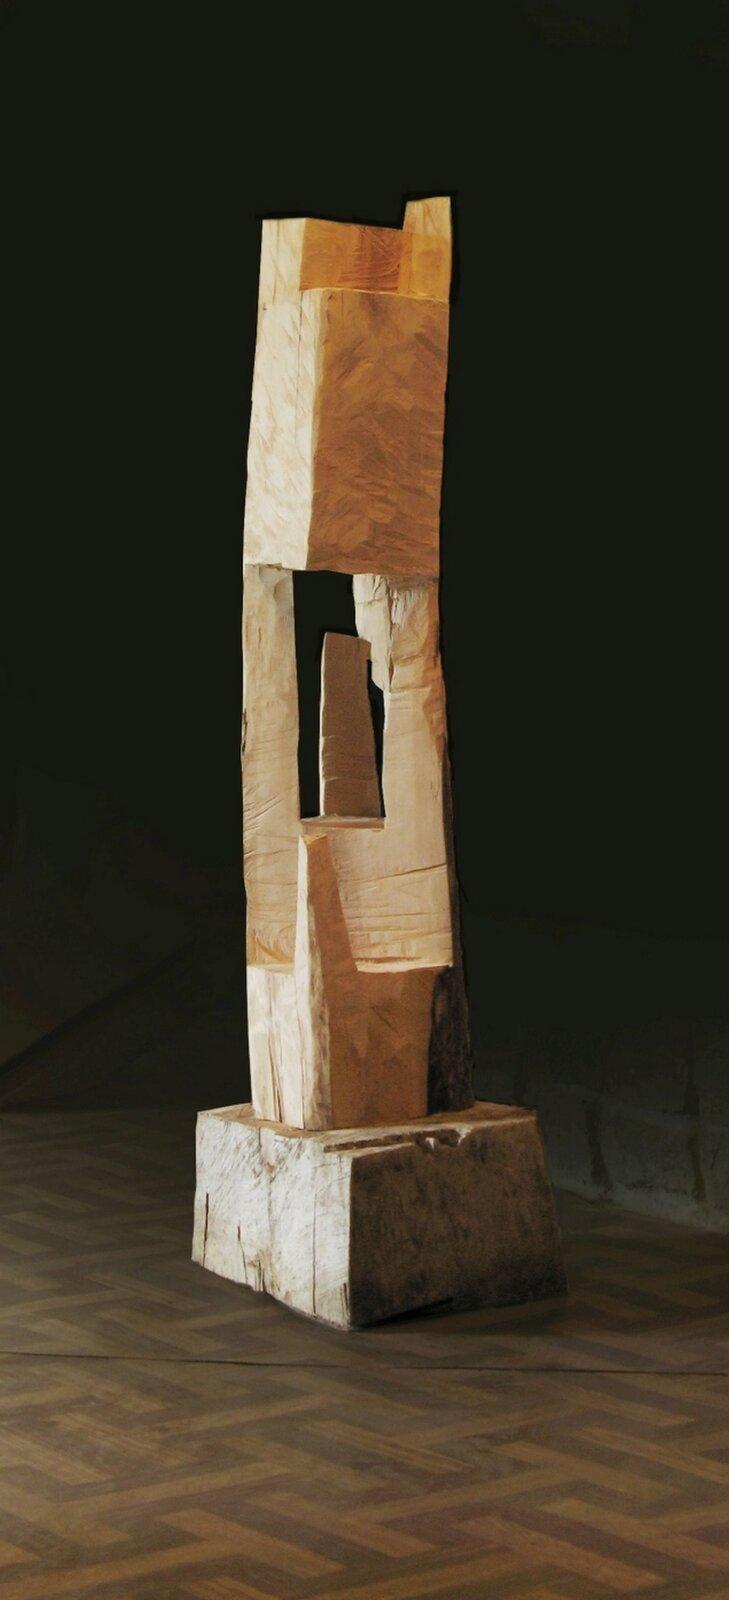 """Ilustracja przedstawia rzeźbę Krzysztofa Mazura """"Kapliczka przełamana"""". Jest to drewniany, ciosany pień drzewa ukształtowany wbryłę zbliżoną do prostopadłościanu, usytuowany na podstawie. Wśrodku pień jest wydrążony. Wprześwicie oraz na zewnątrz znajdują się pozostawione, niewycięte, pionowe fragmenty drewna."""